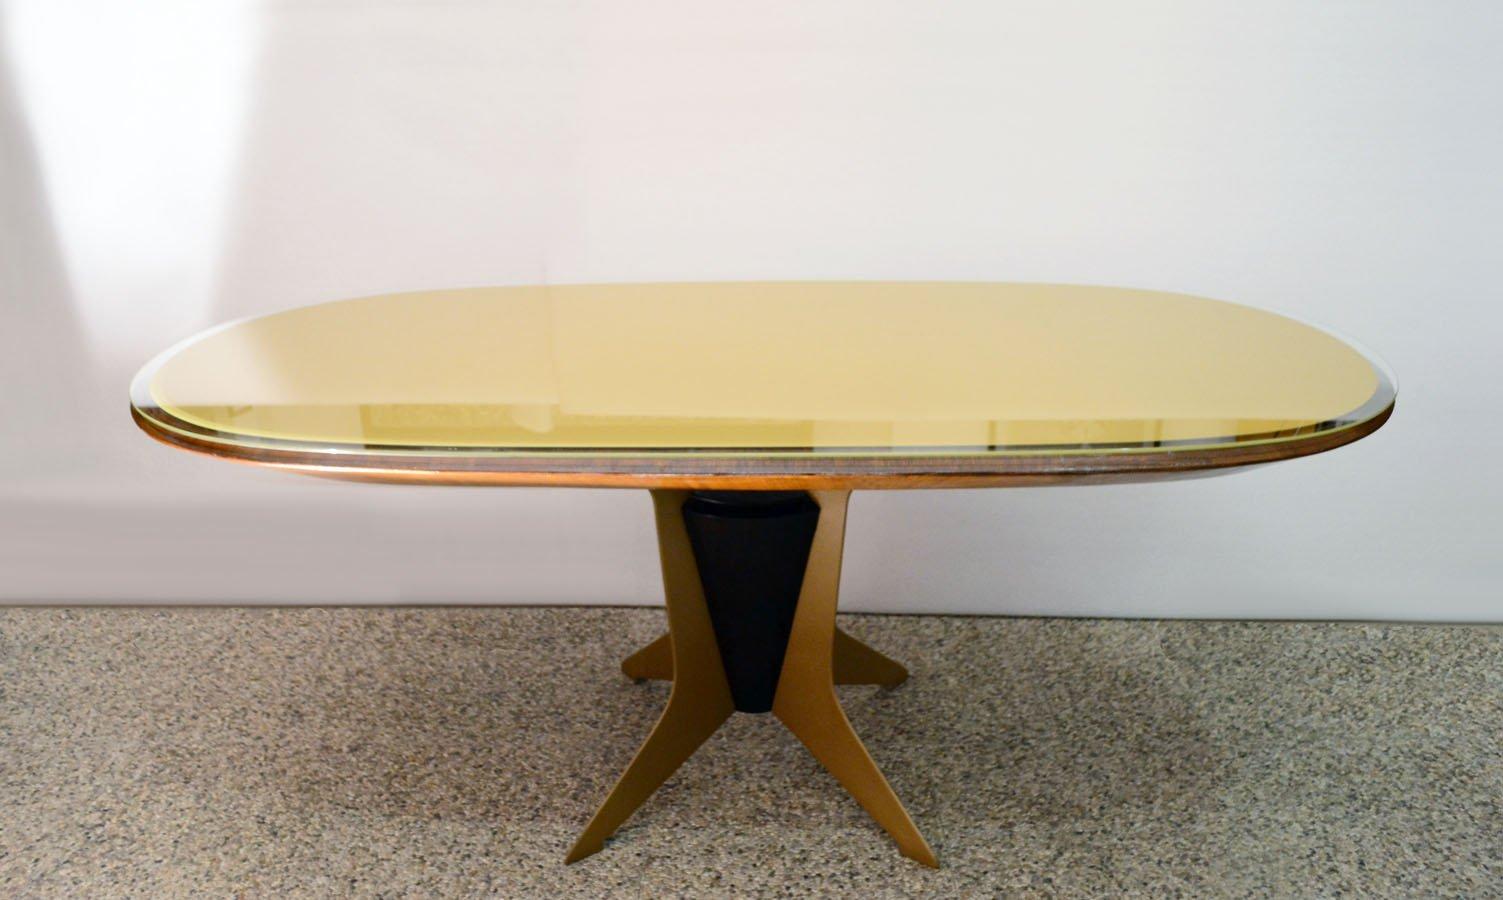 ovaler italienischer esstisch aus holz metall lackiertem glas 1950er bei pamono kaufen. Black Bedroom Furniture Sets. Home Design Ideas